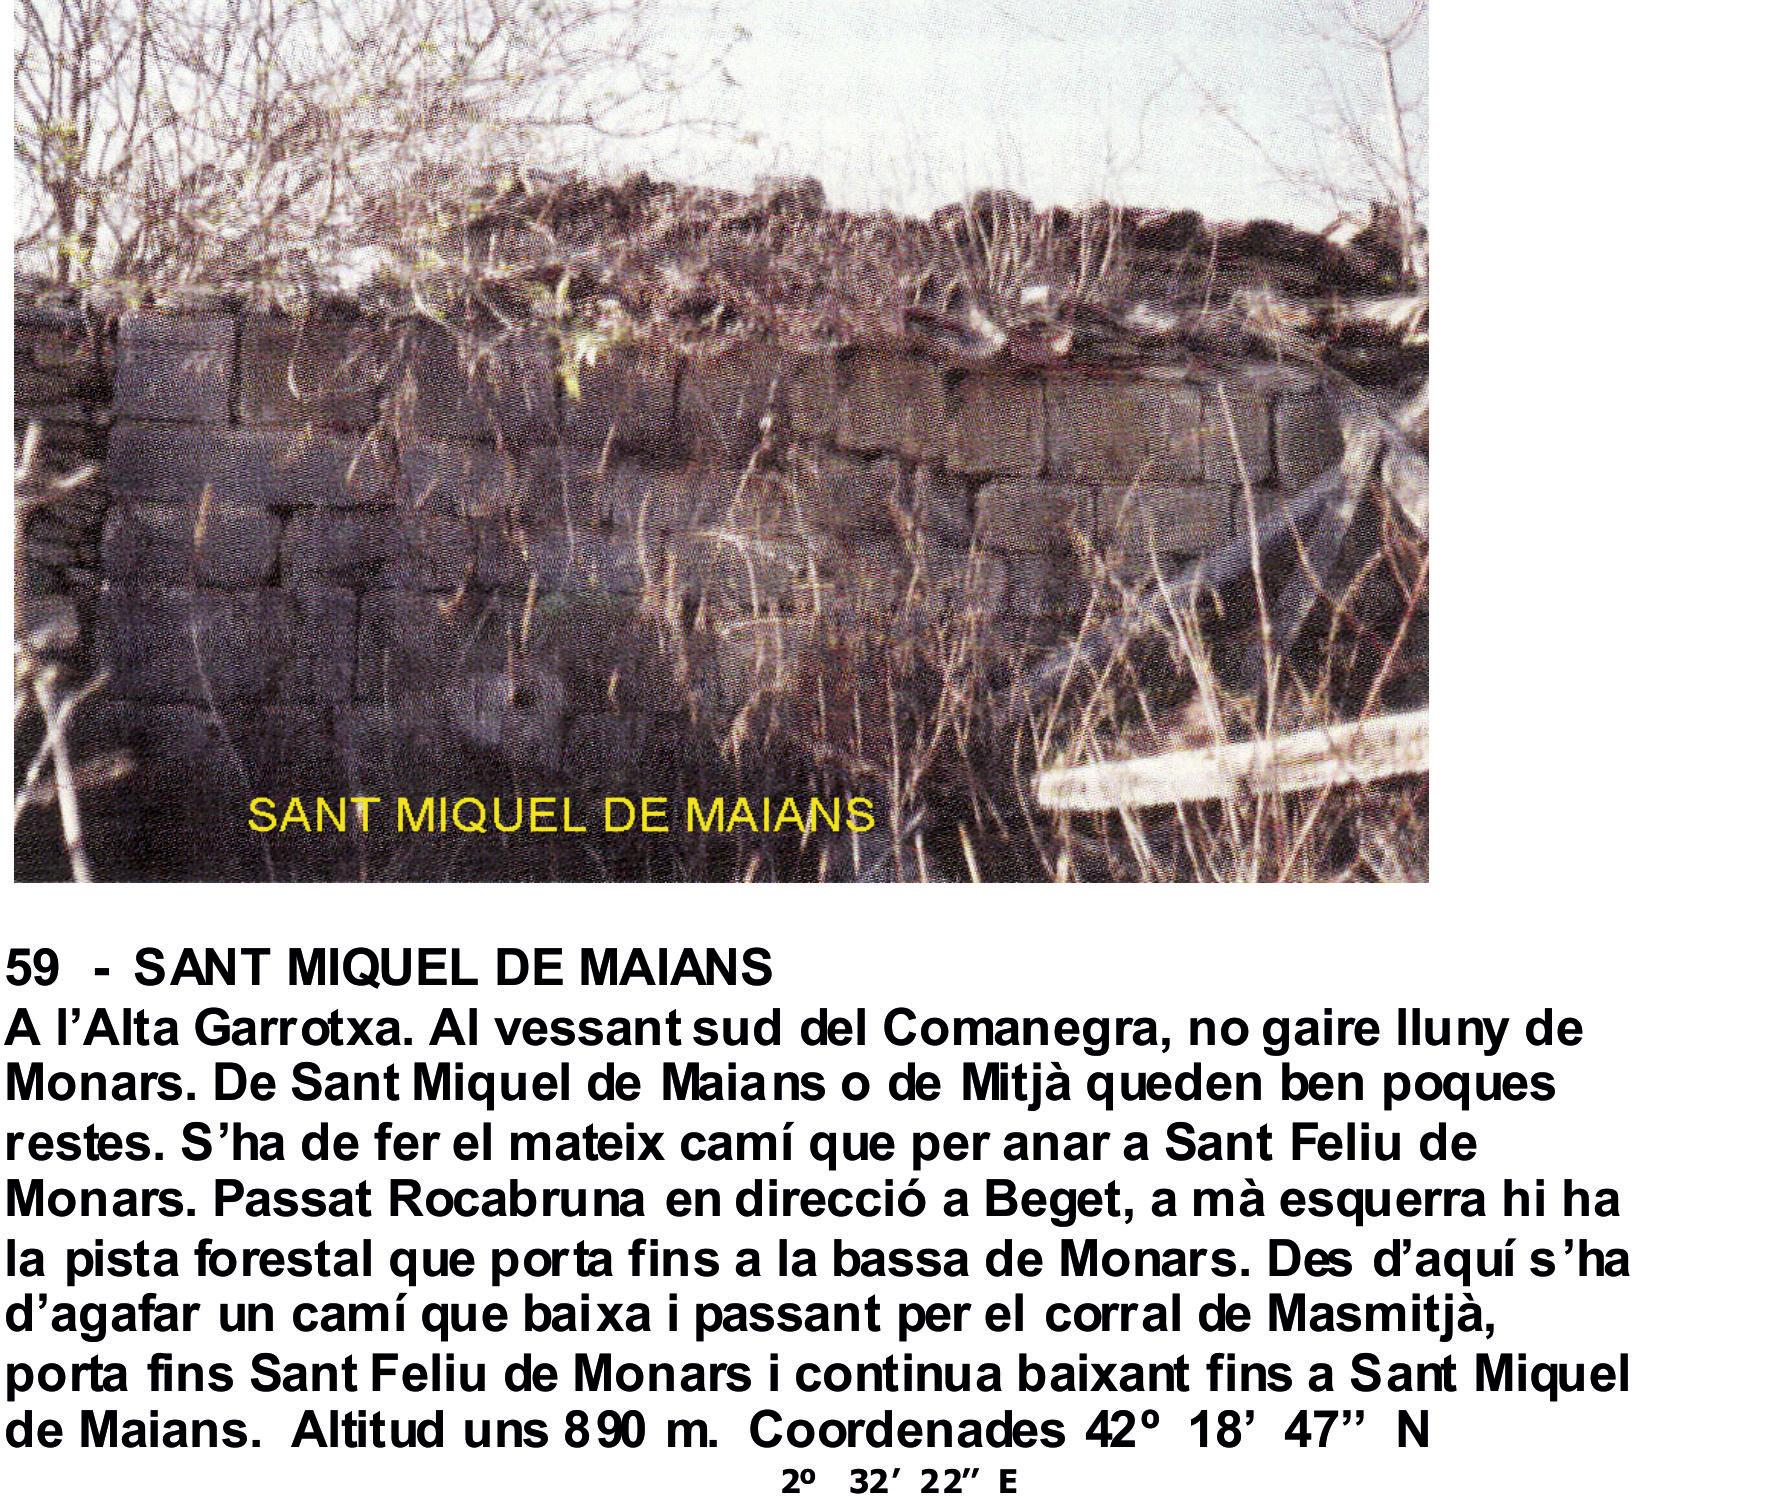 59  -  SANT MIQUEL DE MAIANS